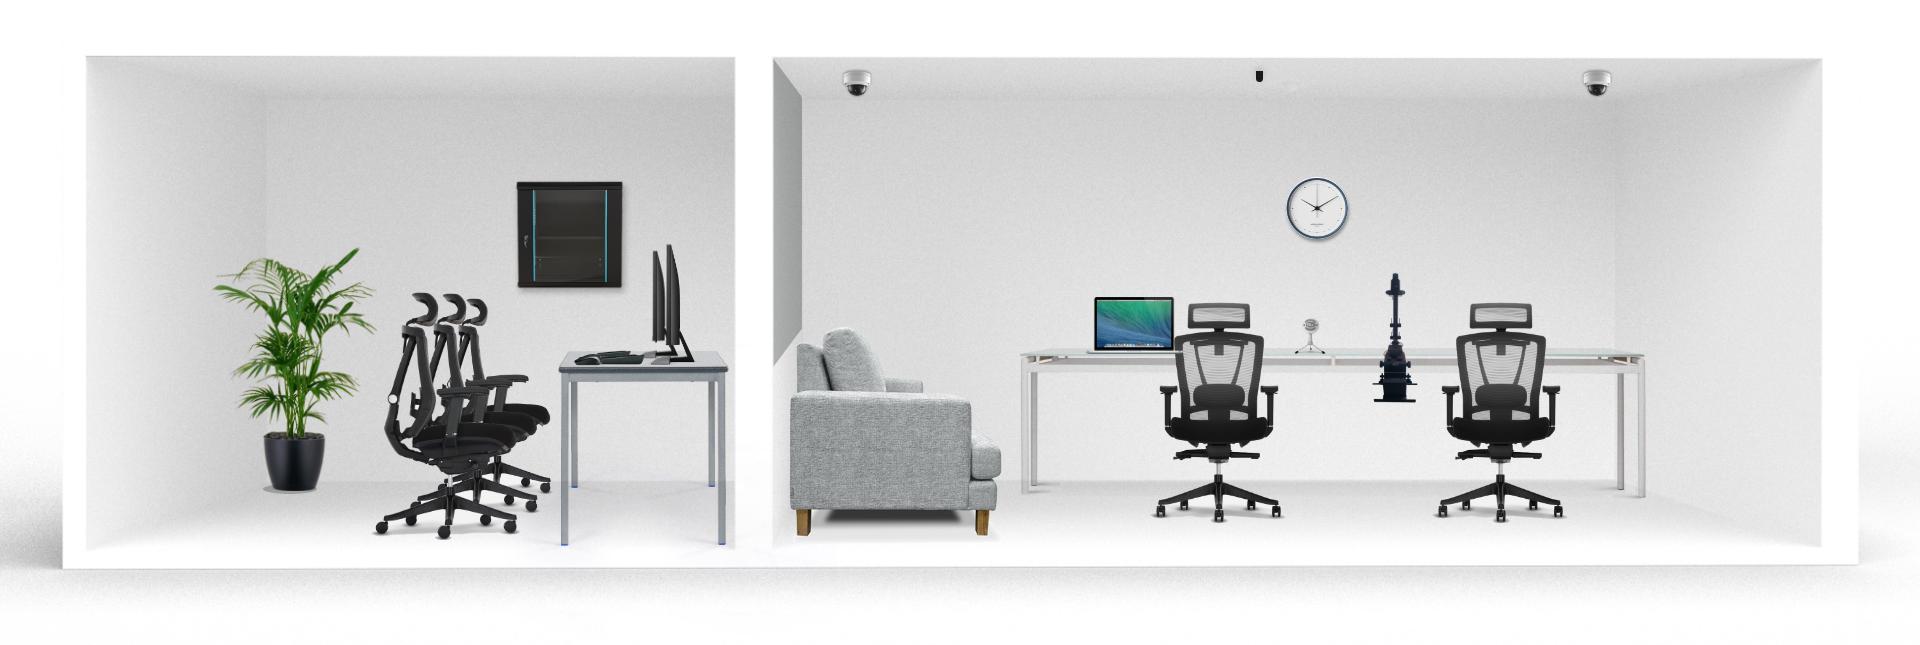 Digital of Things - in-house lab